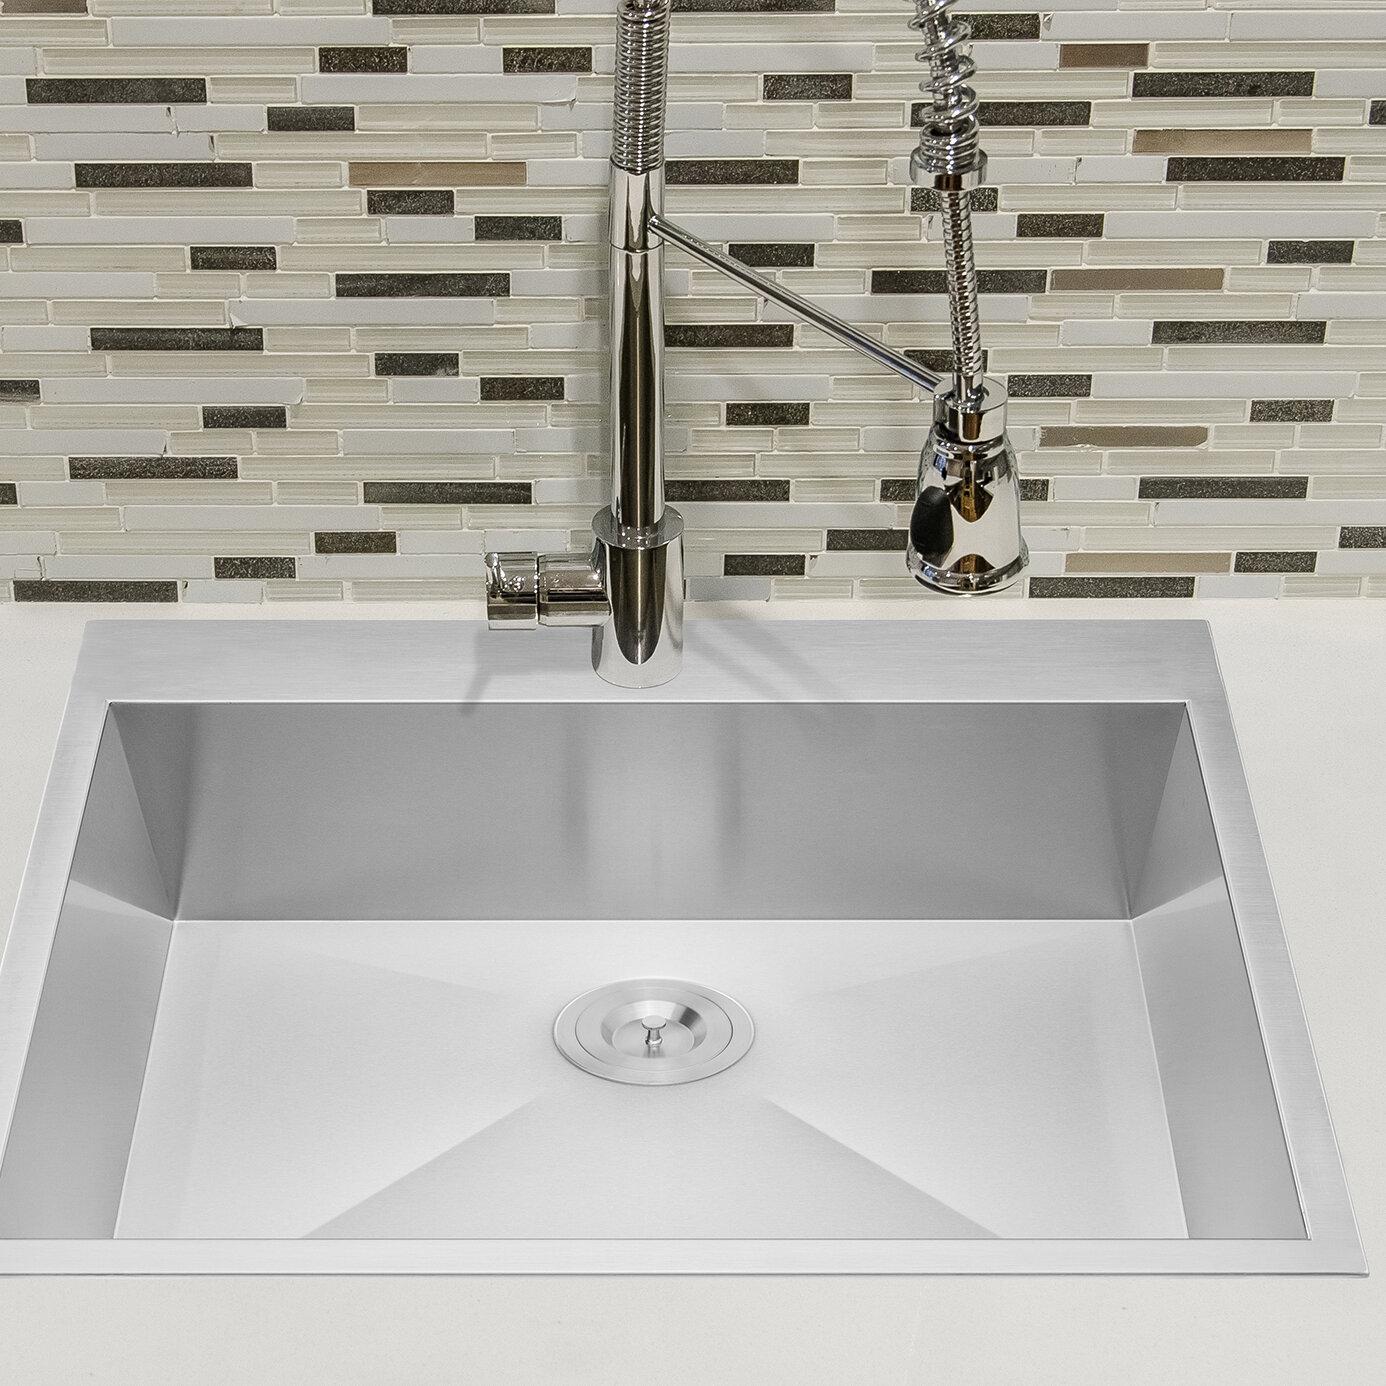 Ks0081 25 x 22 drop in kitchen sink